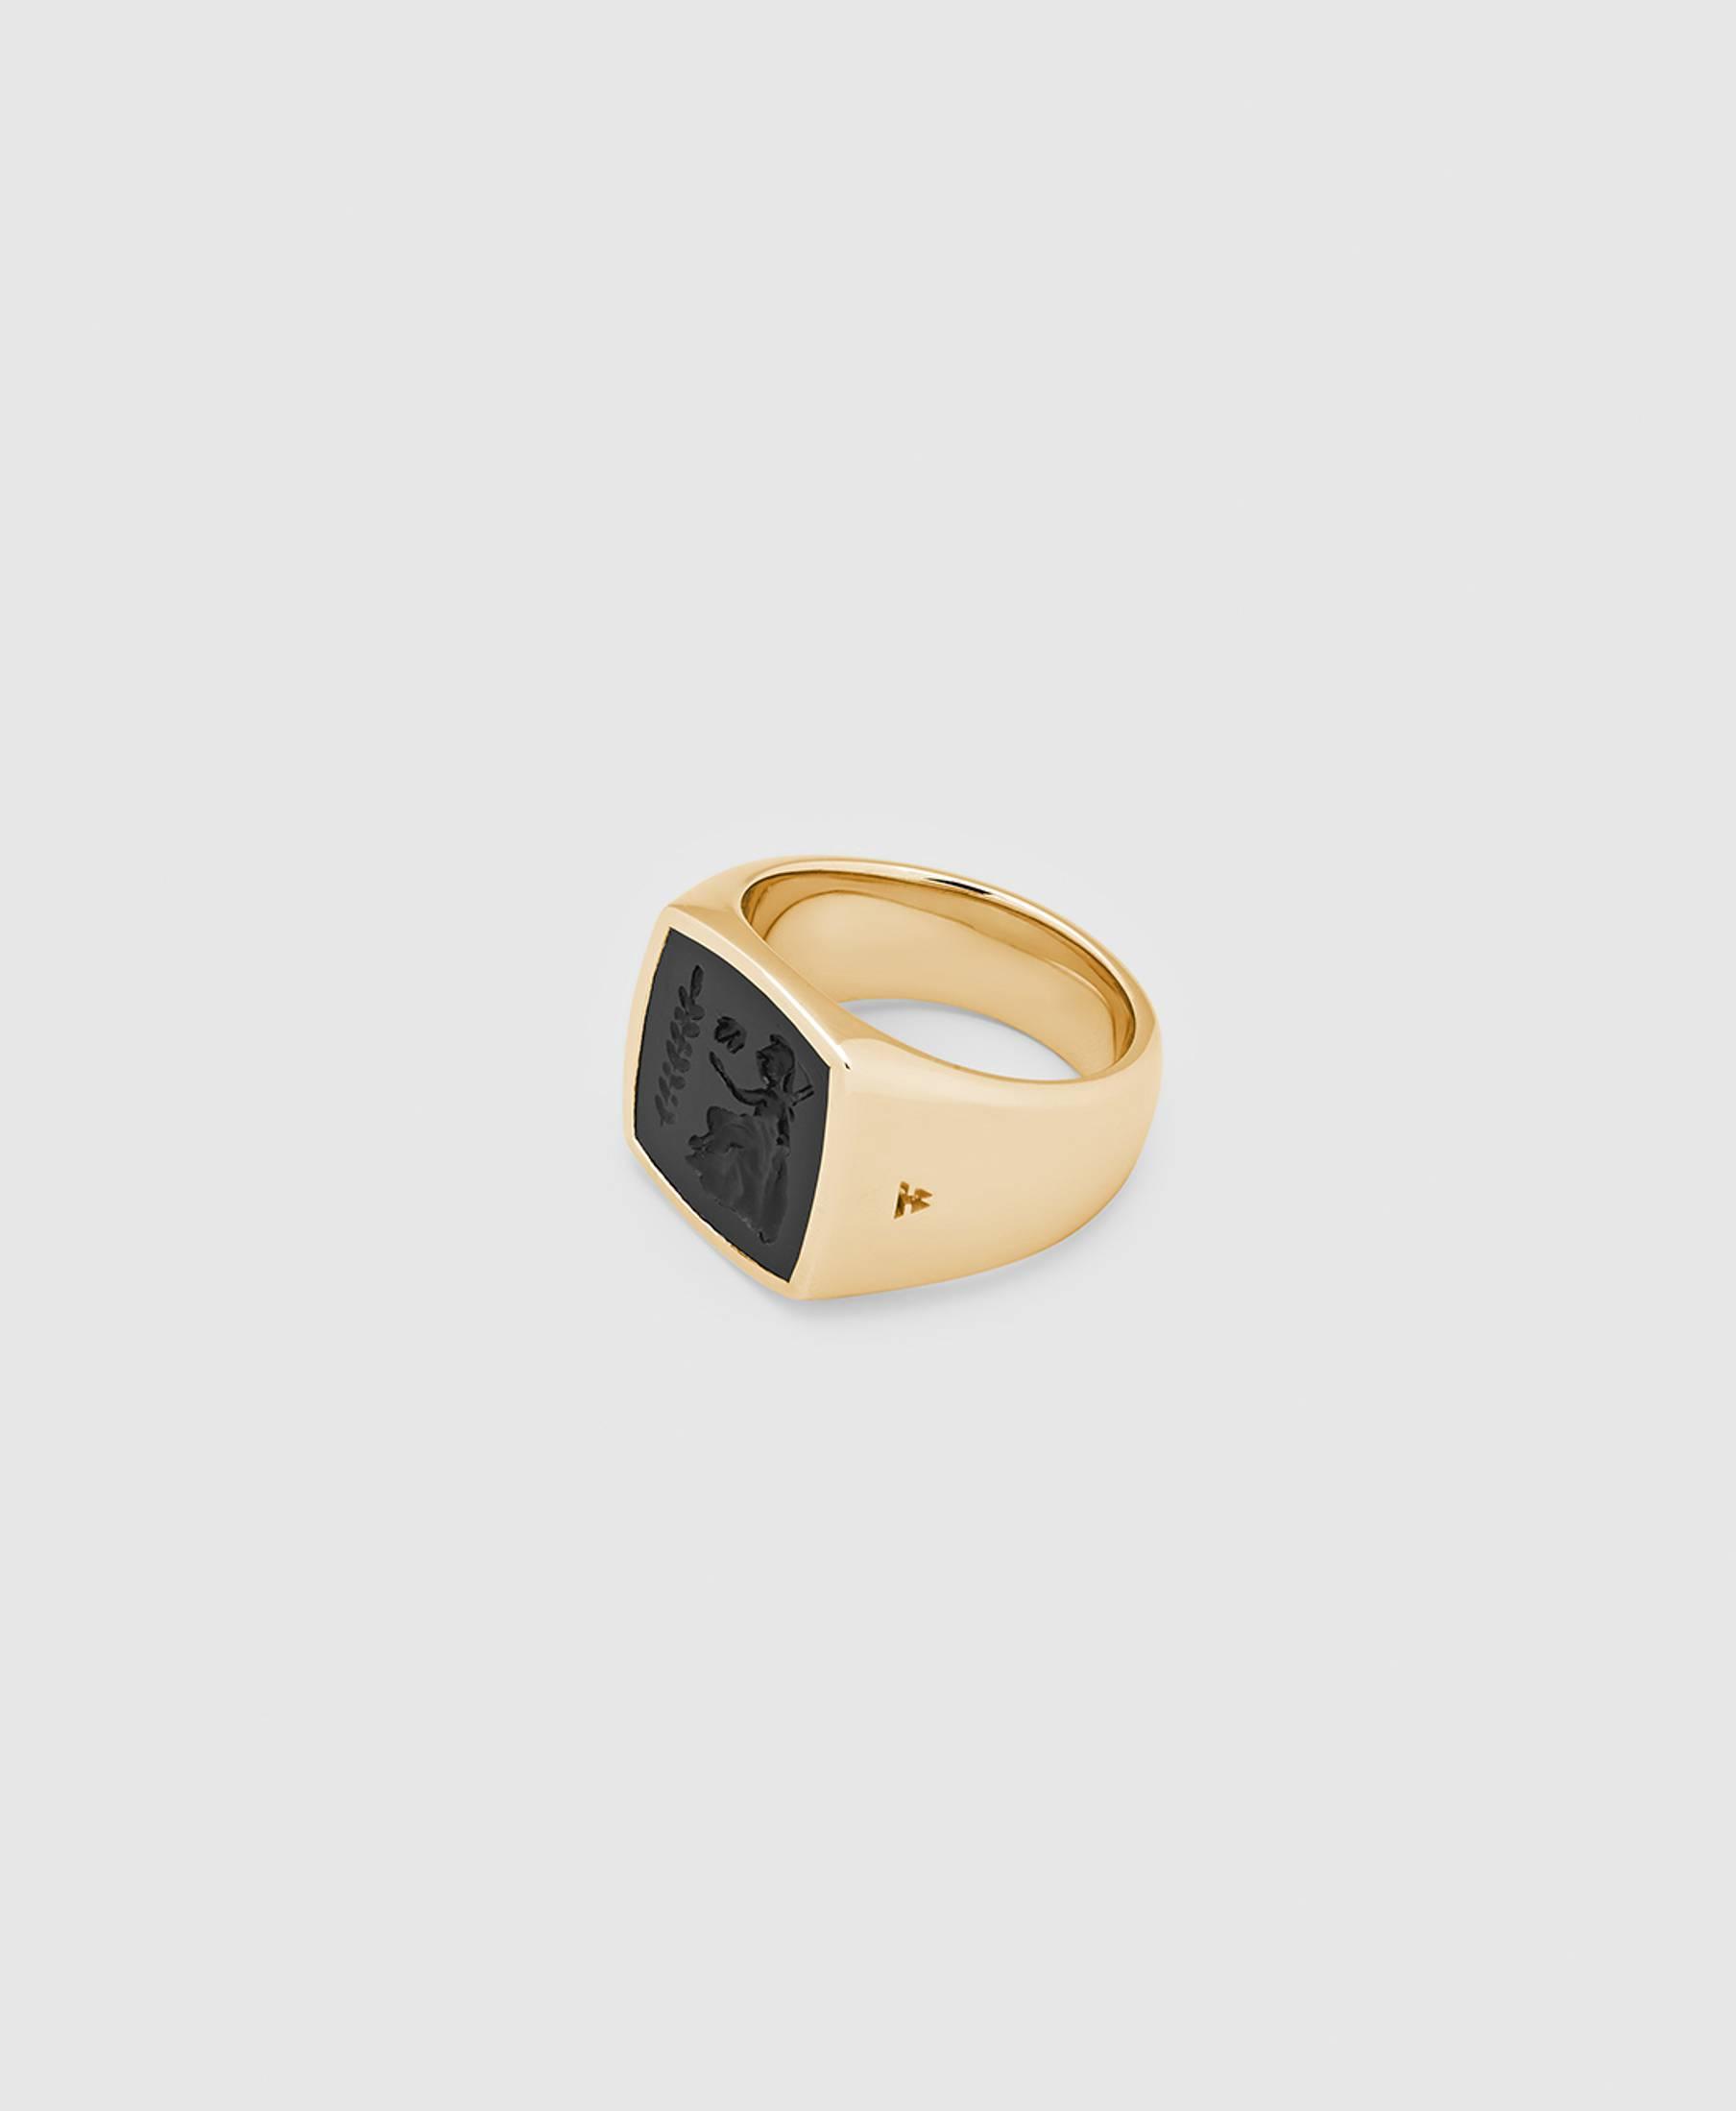 Cushion Athena Onyx Ring Gold